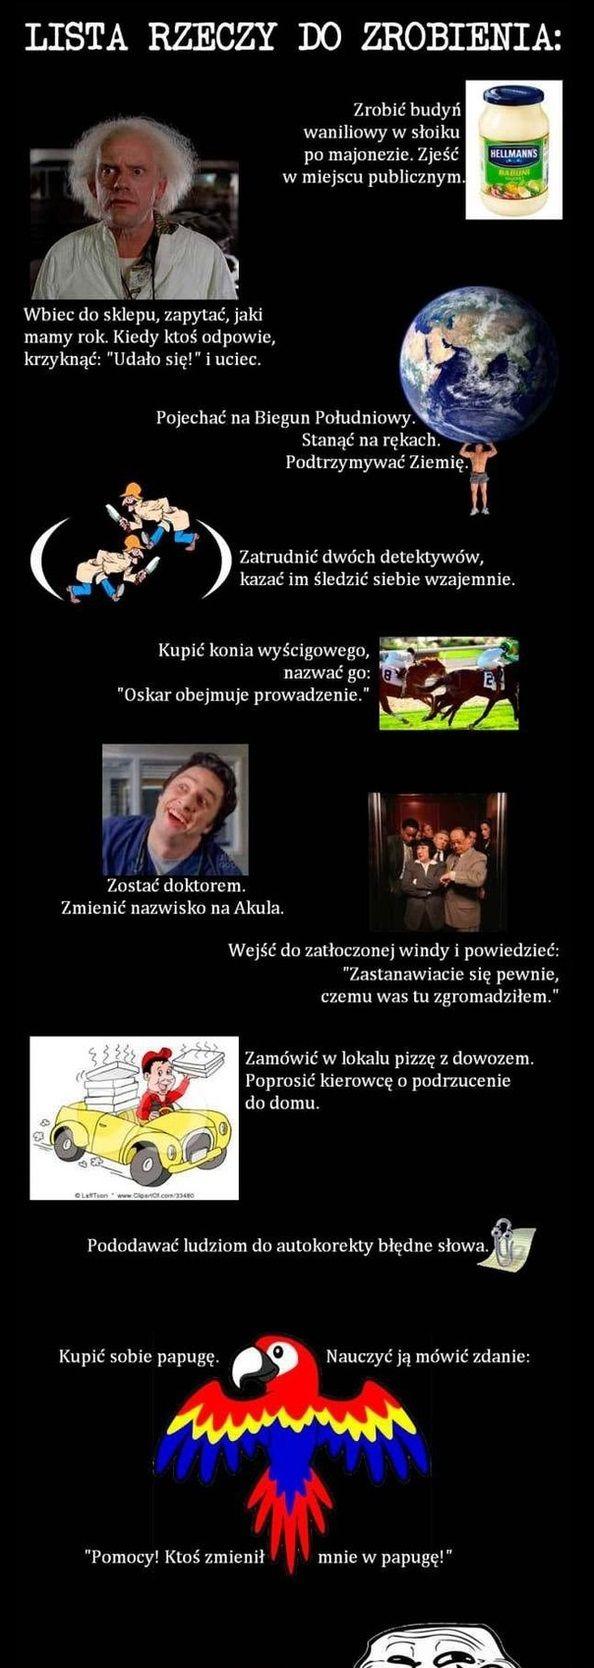 19 sposobów na to jak być mistrzem trollowania – Demotywatory.pl